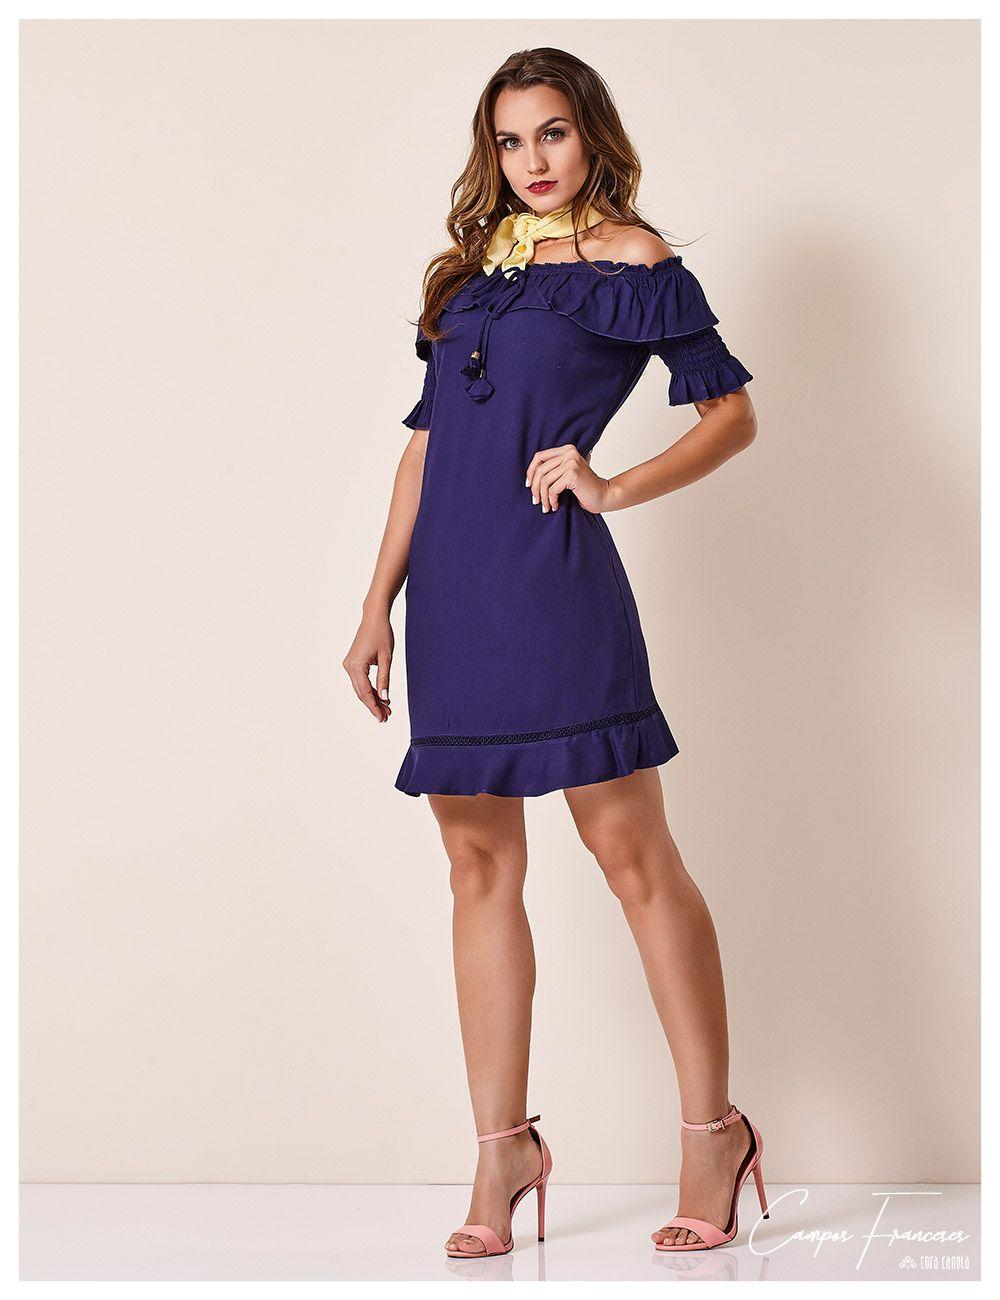 45223ea39 Cora Canela, vestido Cora Canela Azul Marinho. Lenço amarelo no pescoço.